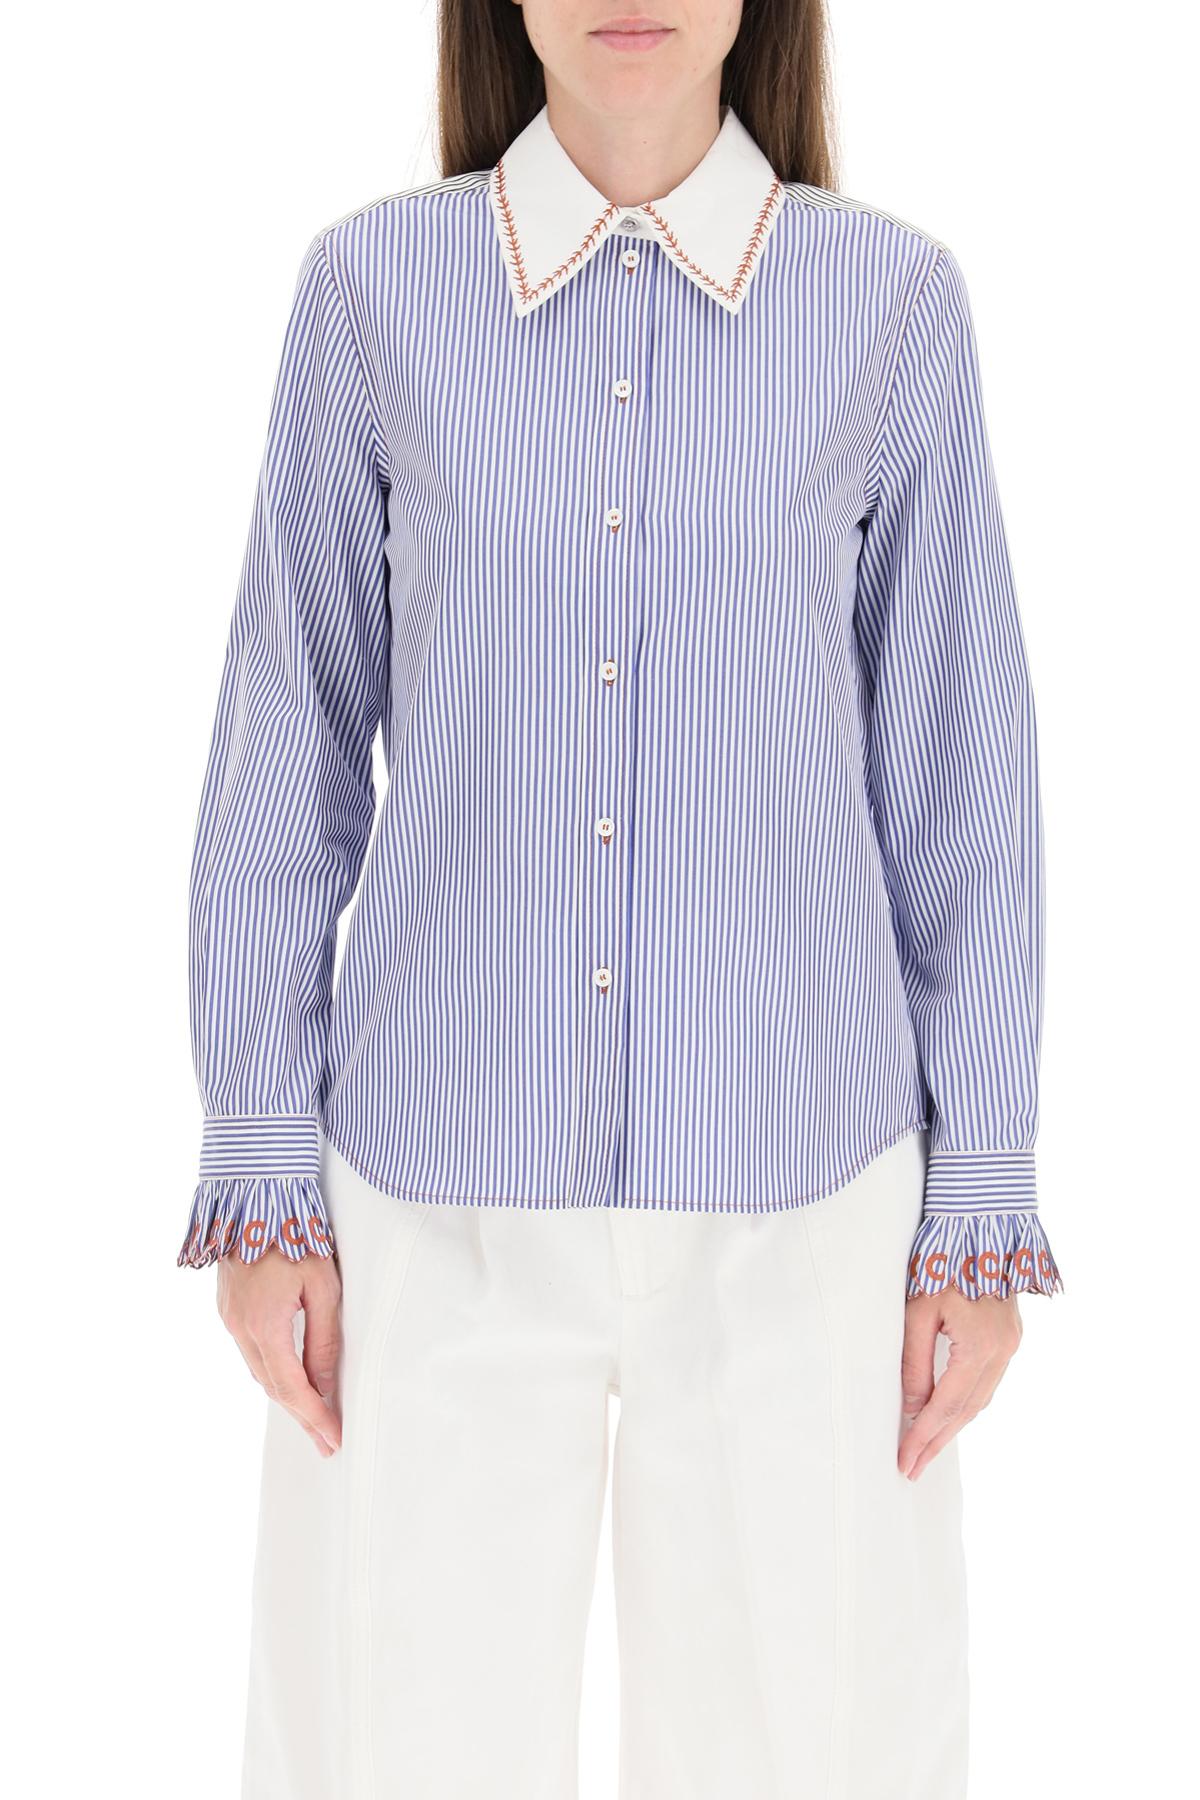 Chloe' camicia a righe con colletto a contrasto